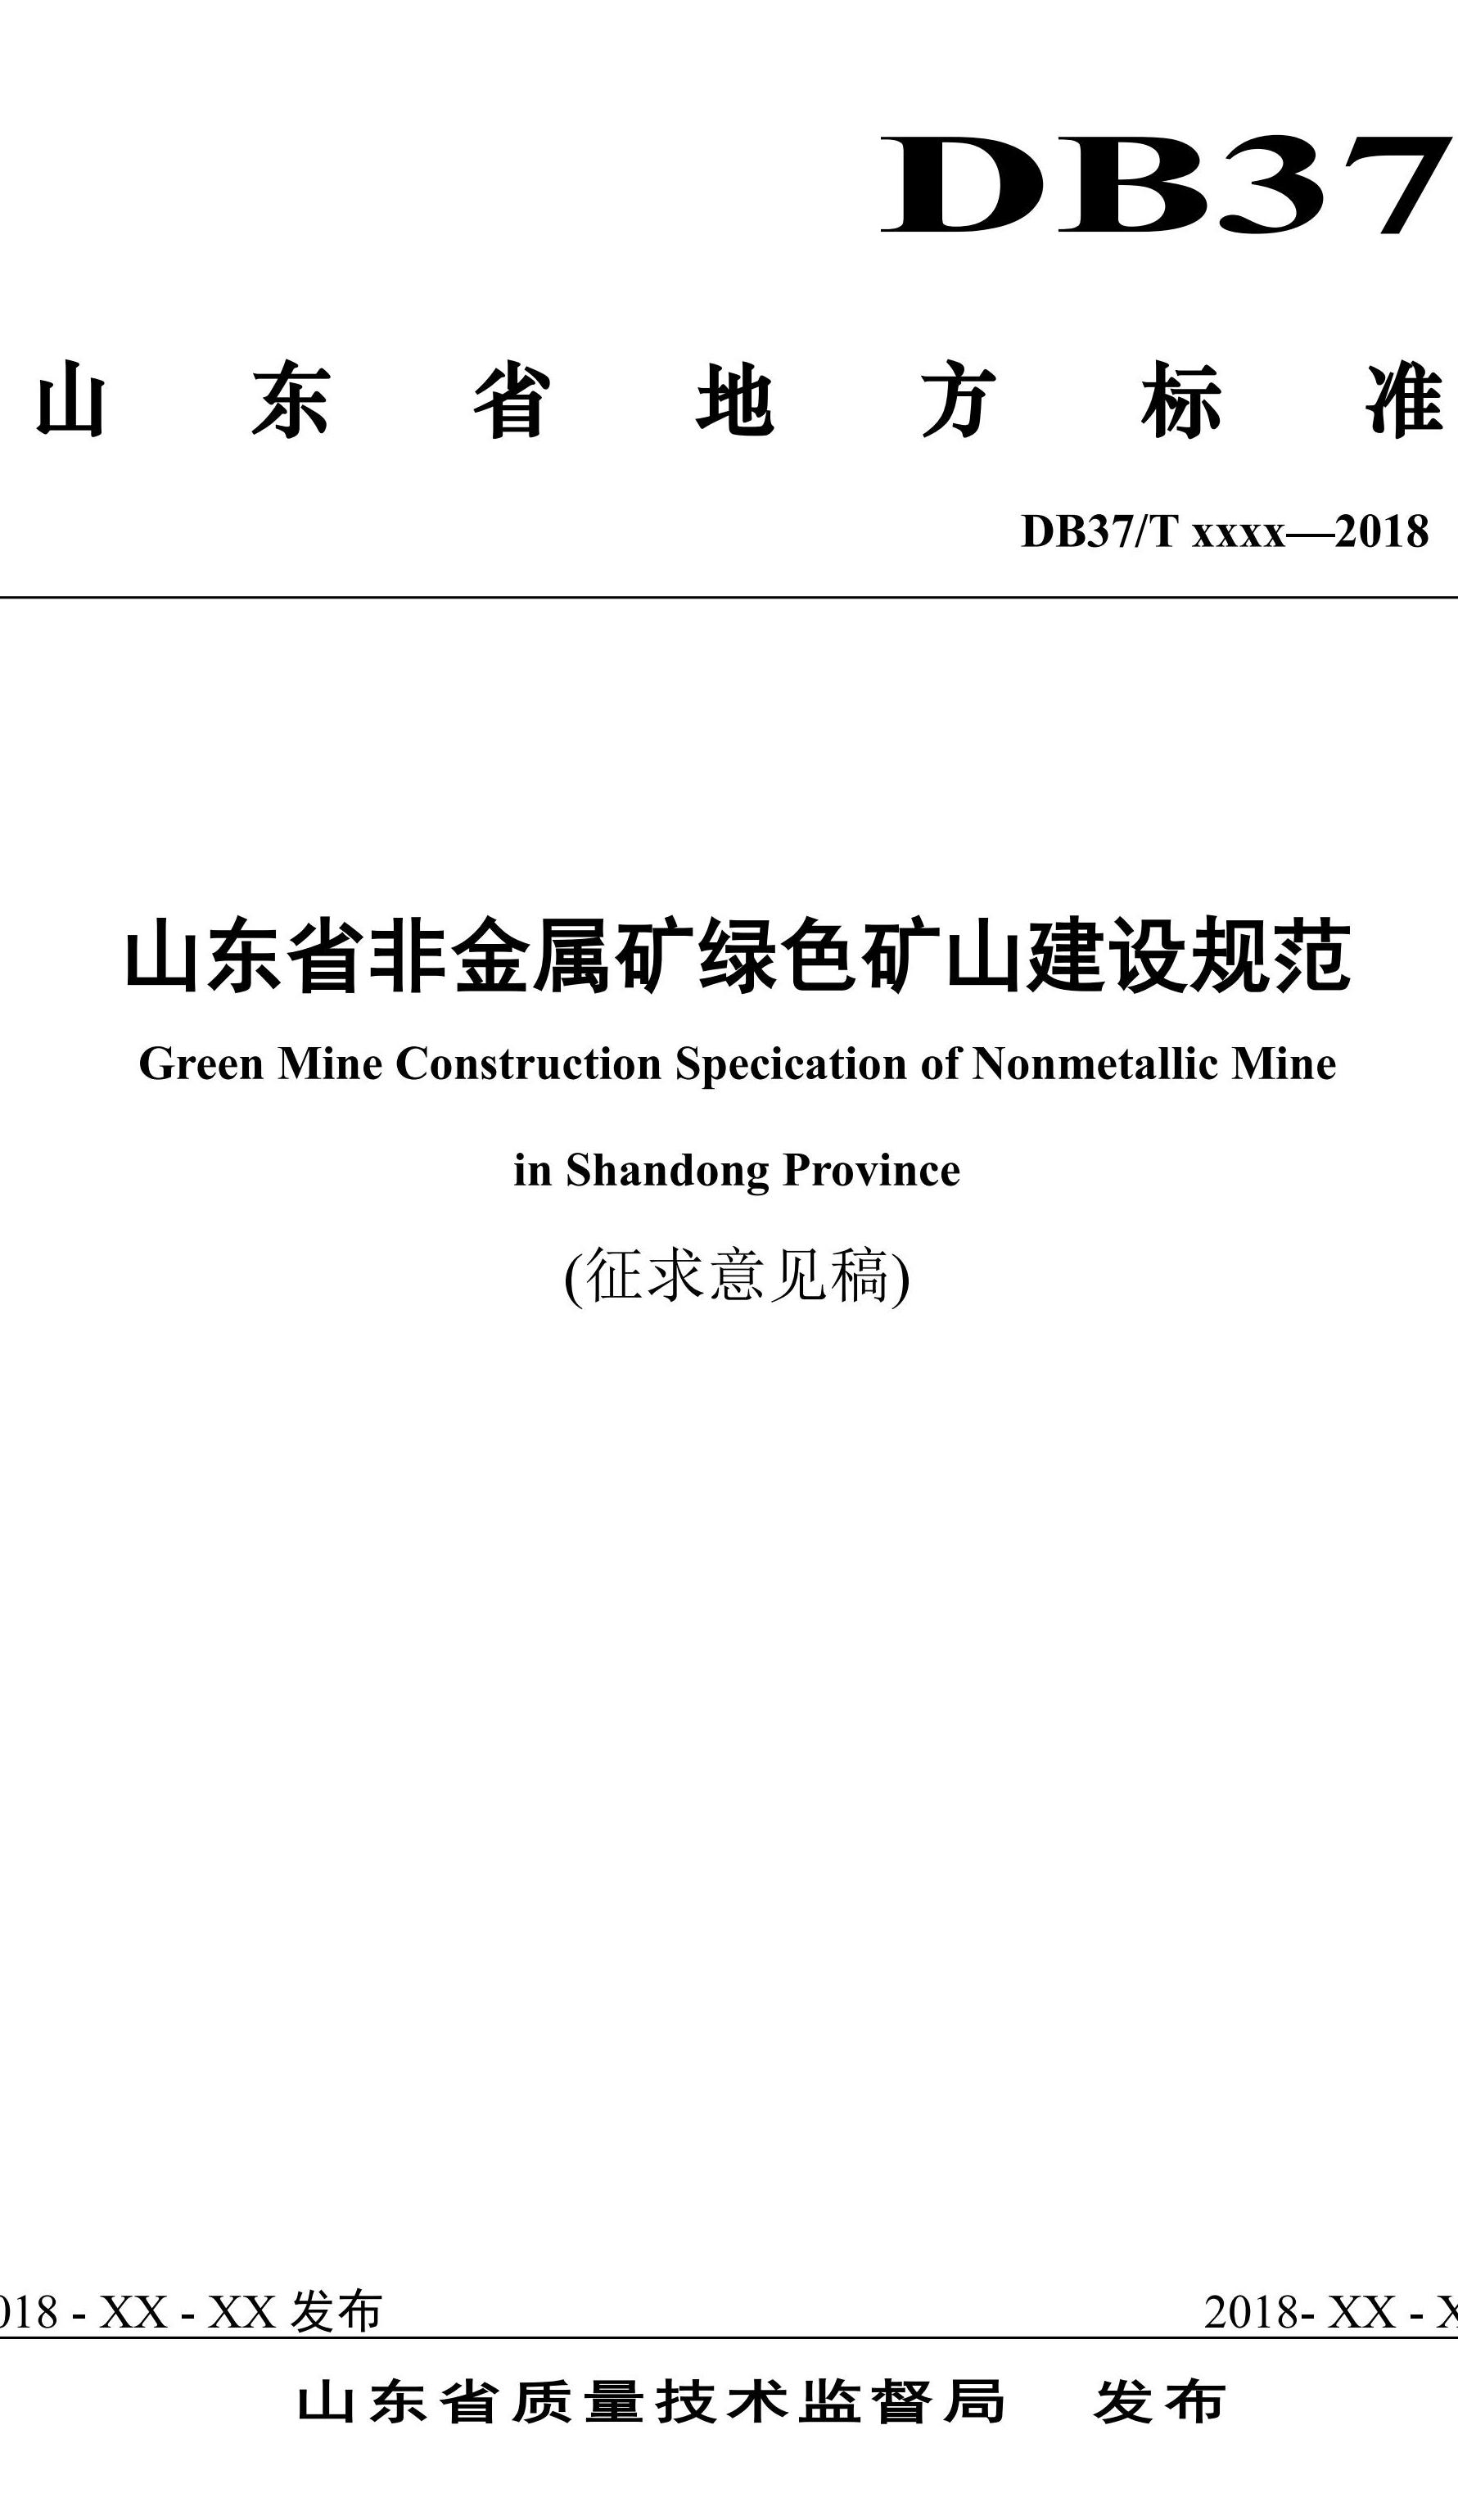 山东省绿色矿山建设规范(征求意见稿)